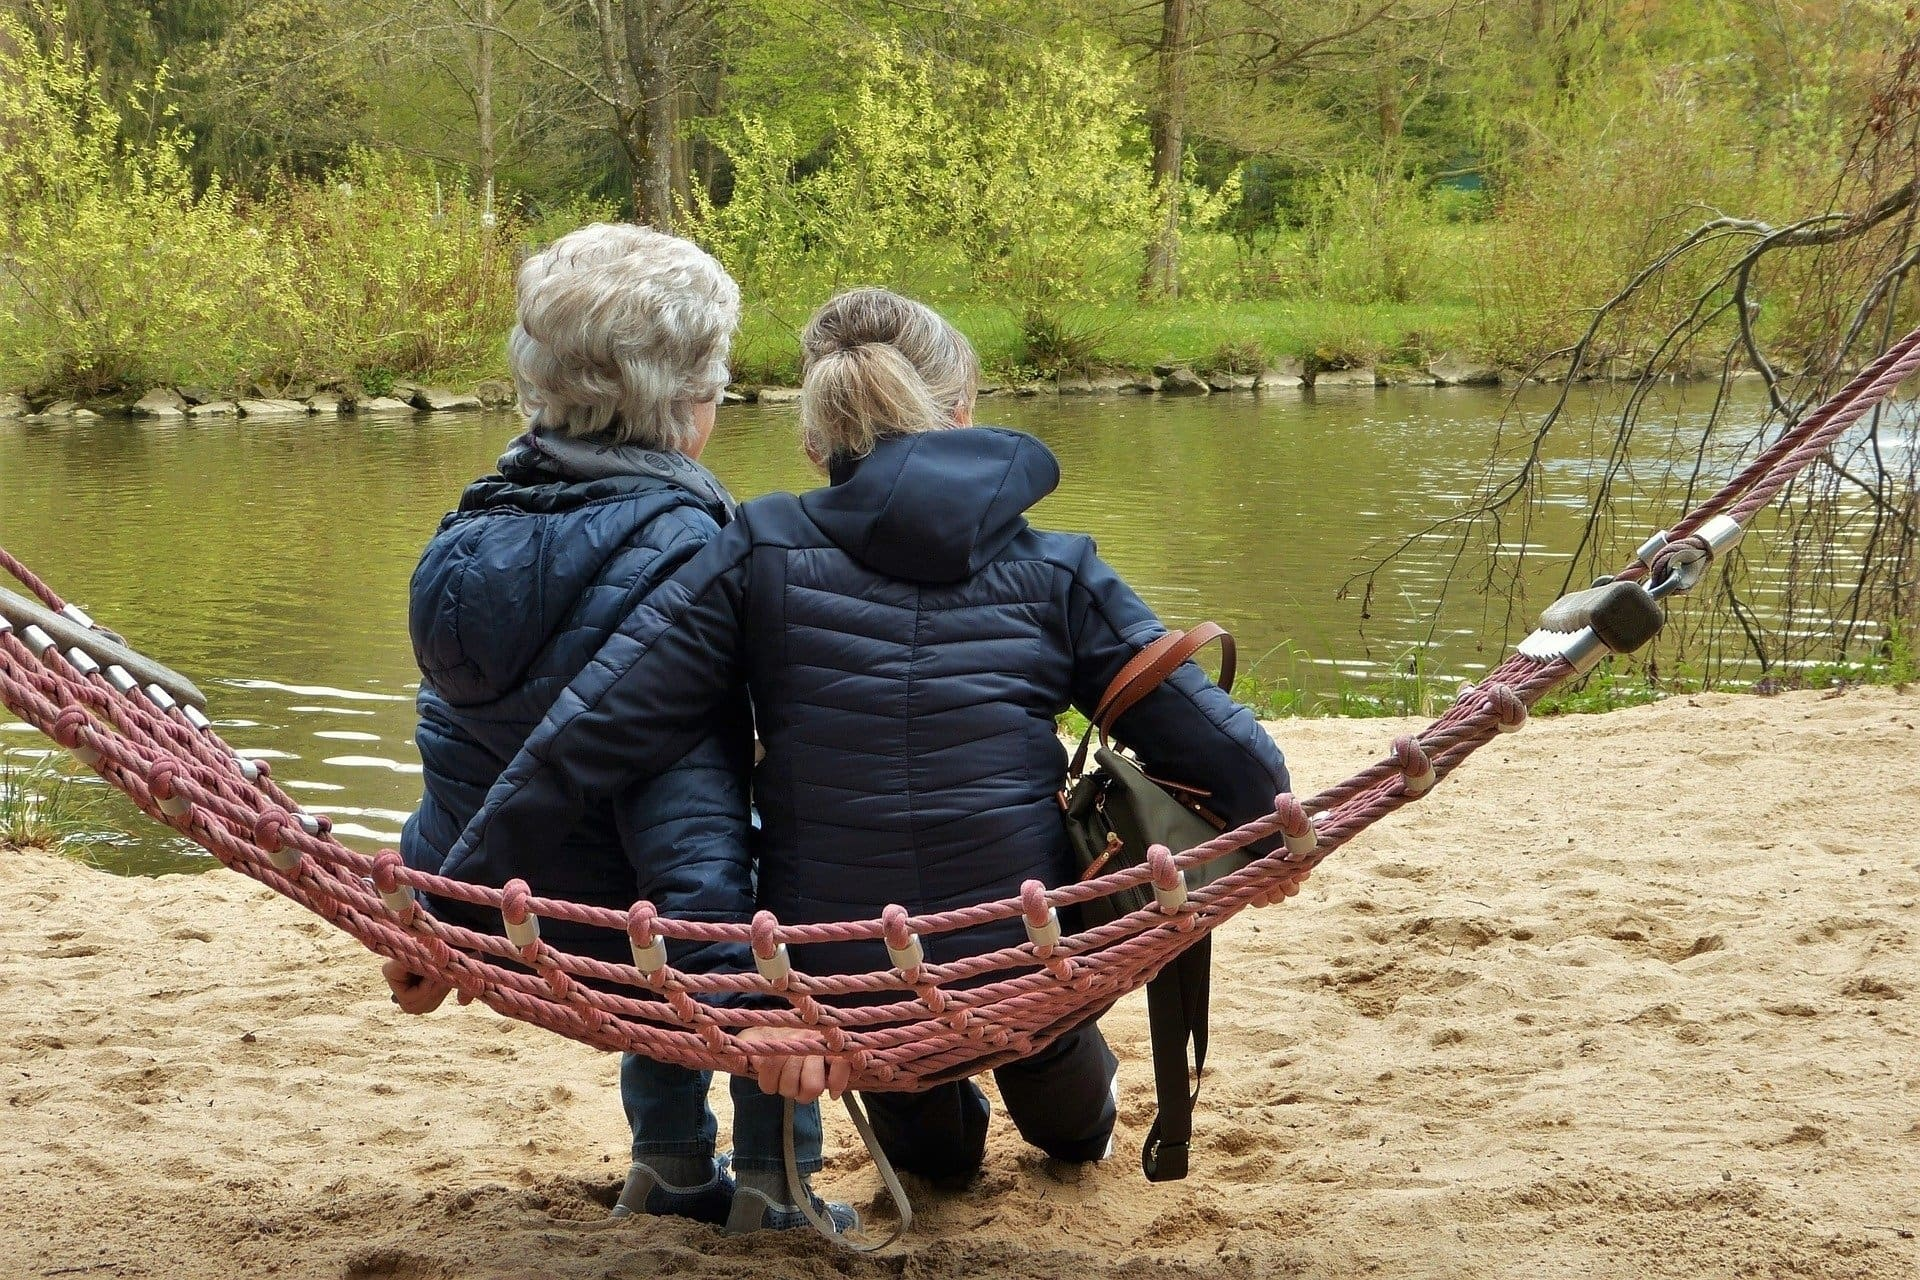 Риск деменции предсказали по возрасту, полу и генотипу